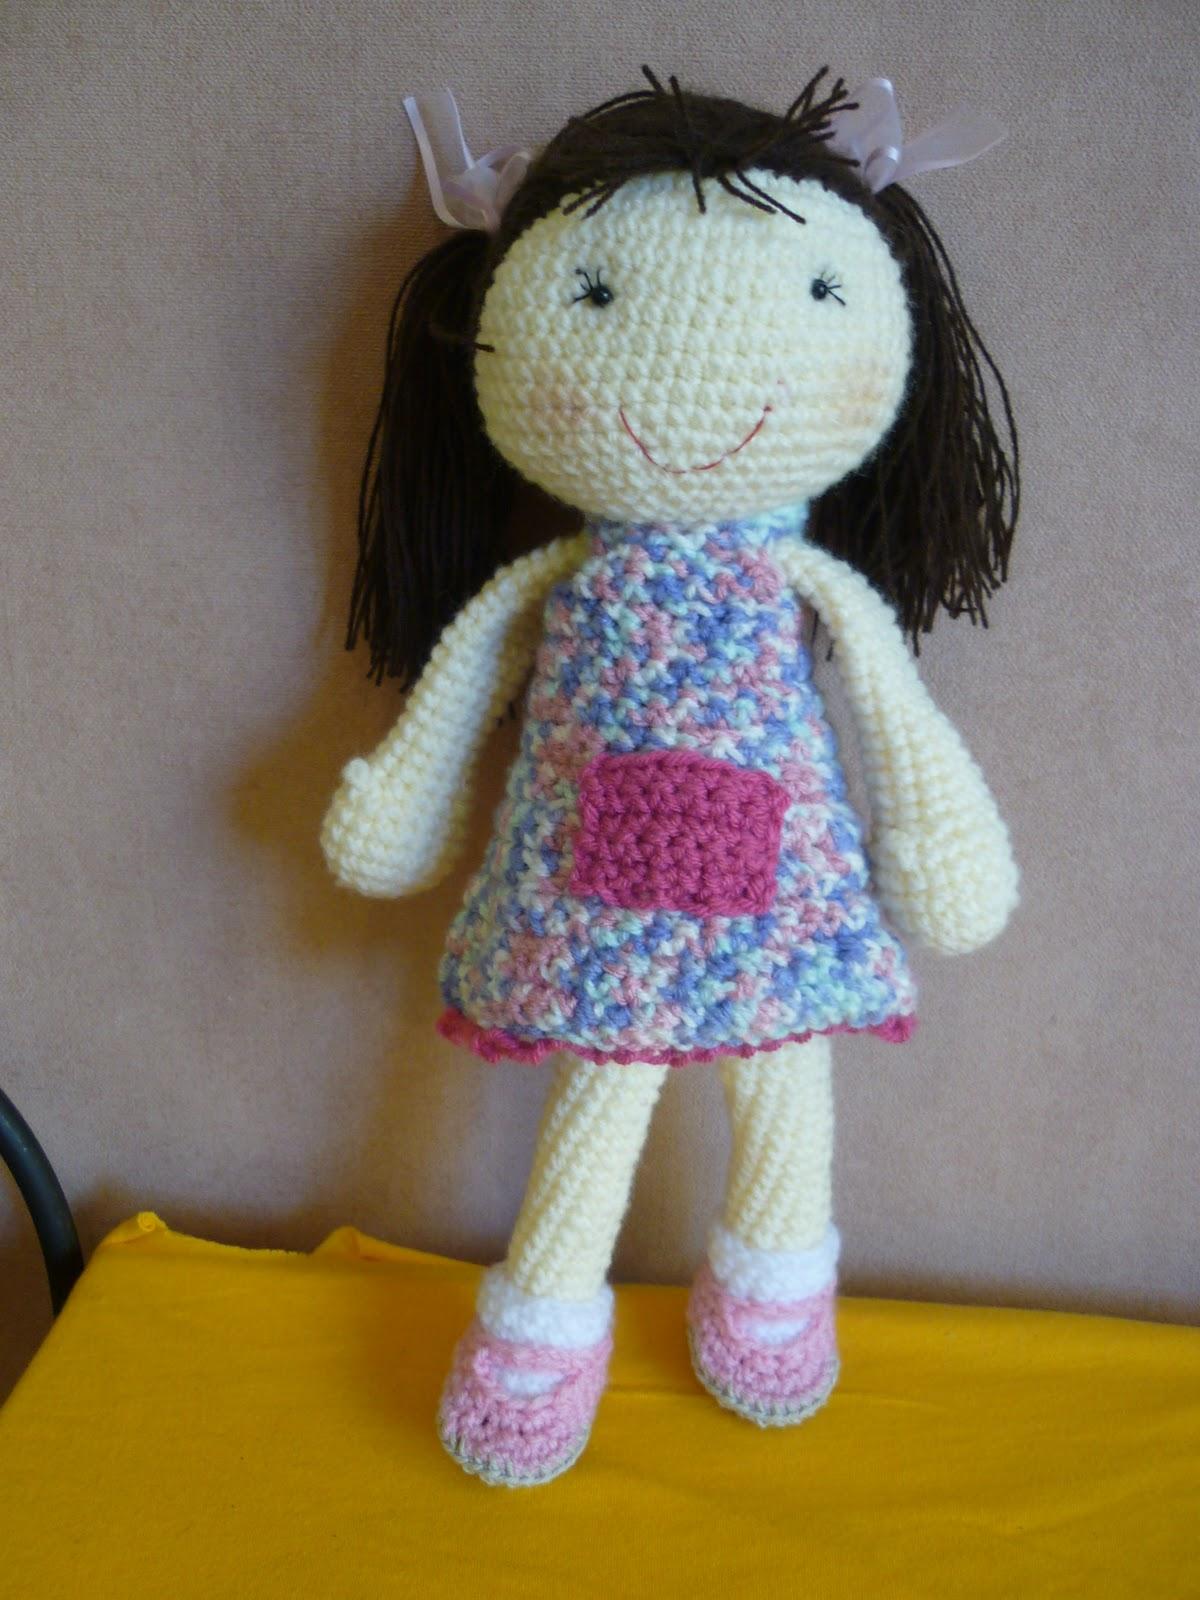 Angel Amigurumi Paso A Paso : Tejiendo Suenos: Muneca base amigurumi crochet + Patron